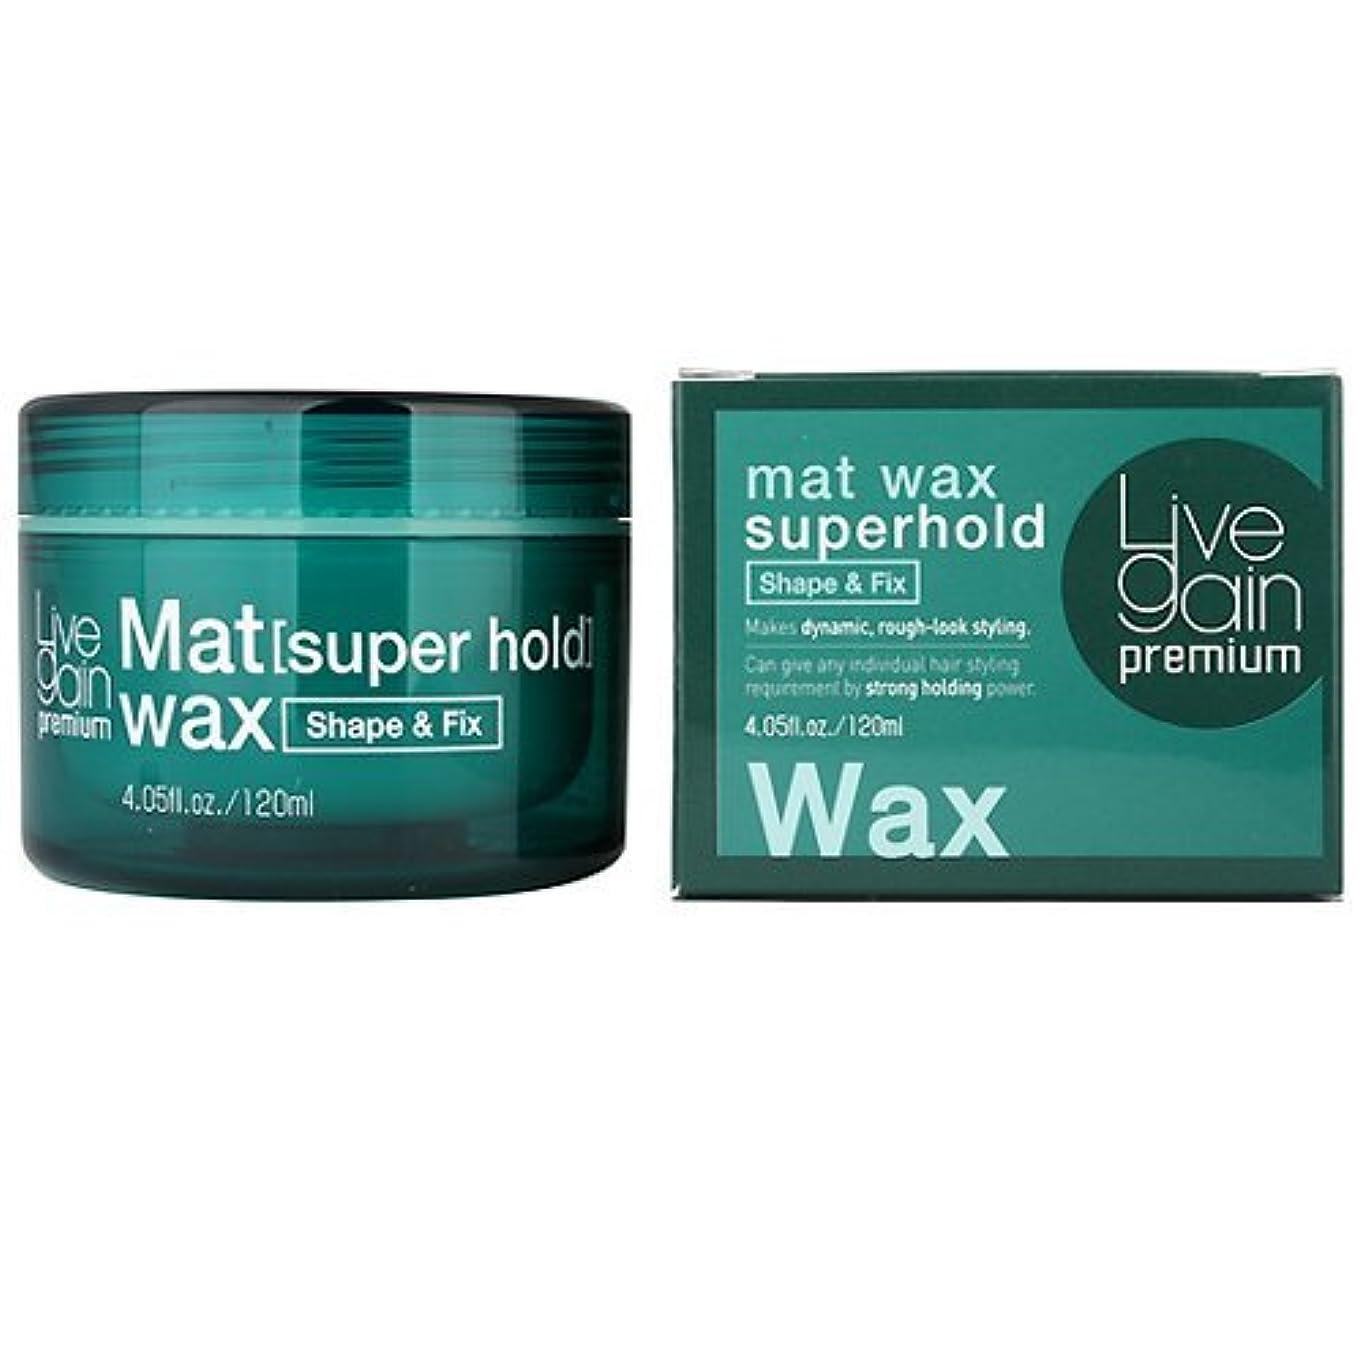 ゴミ大胆安定しましたLivegain プレミアム マット ワックス スーパーホールド 120ml マット ヘア ワックス ストロング ホールド (Premium Mat Wax Superhold 120ml Matte Hair wax...